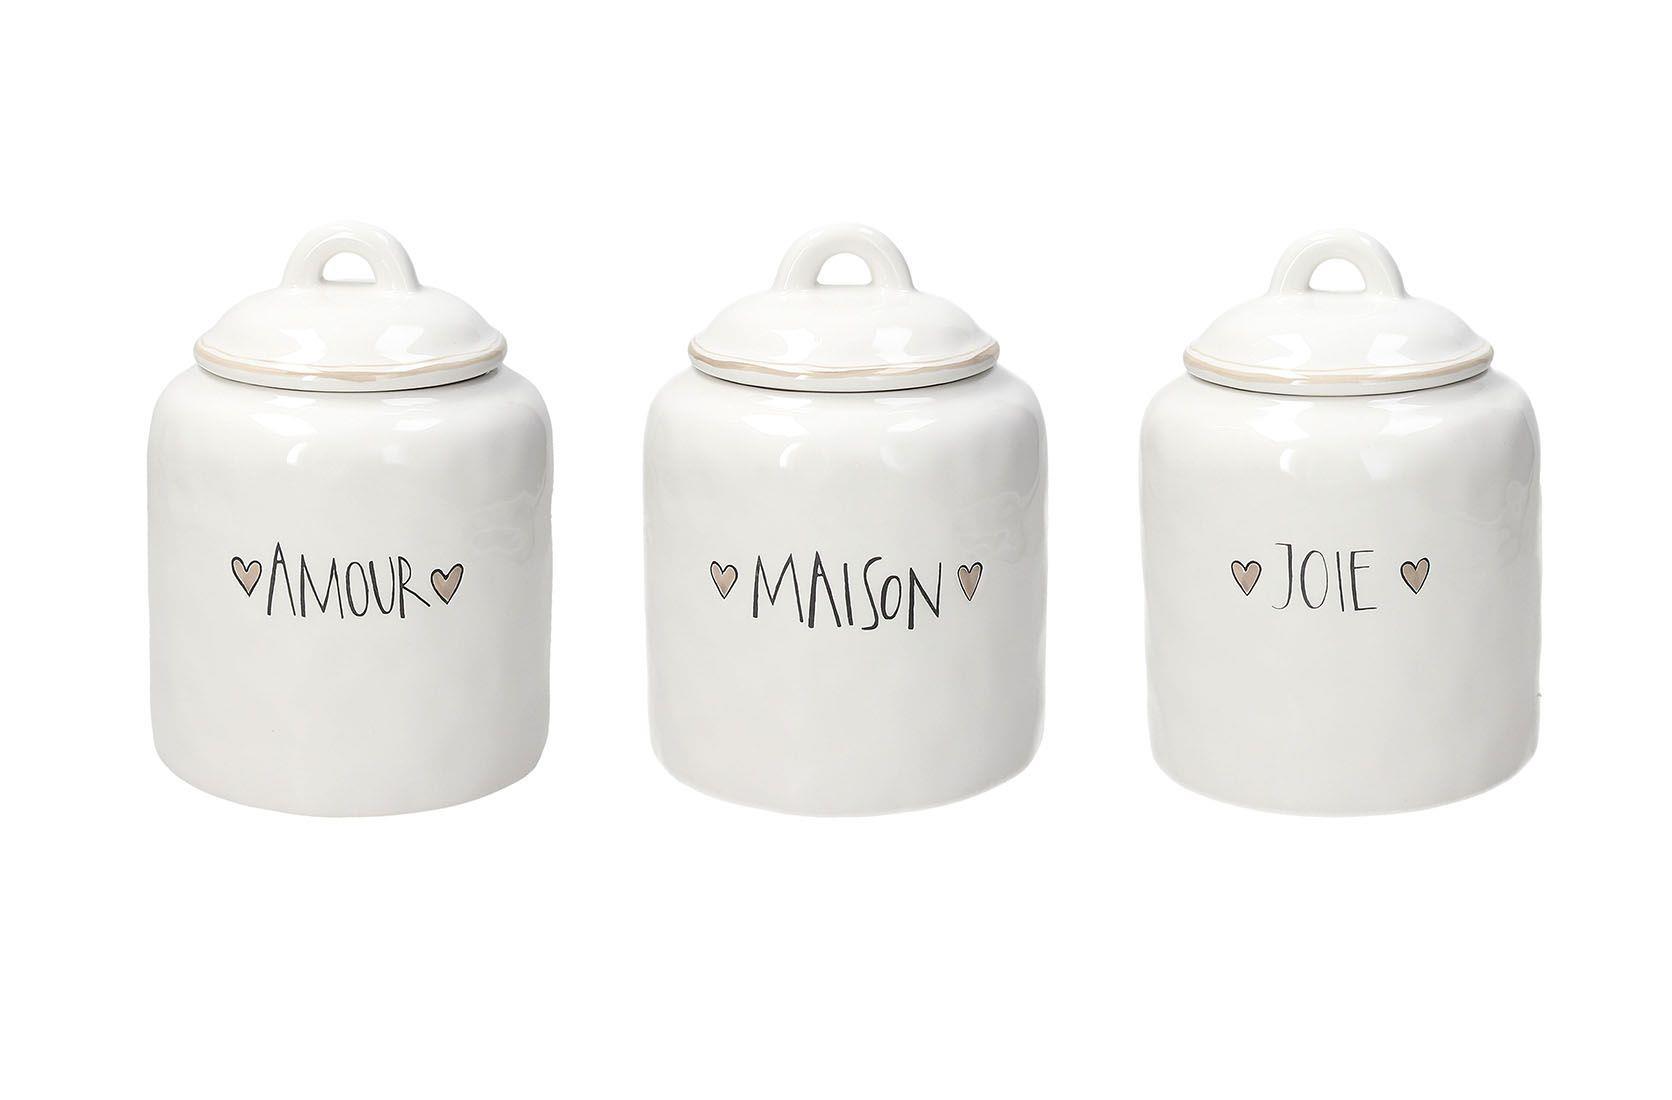 Βάζο αποθήκευσης Maison 1600cc stoneware λευκό 14x14x19cm Tognana Amour